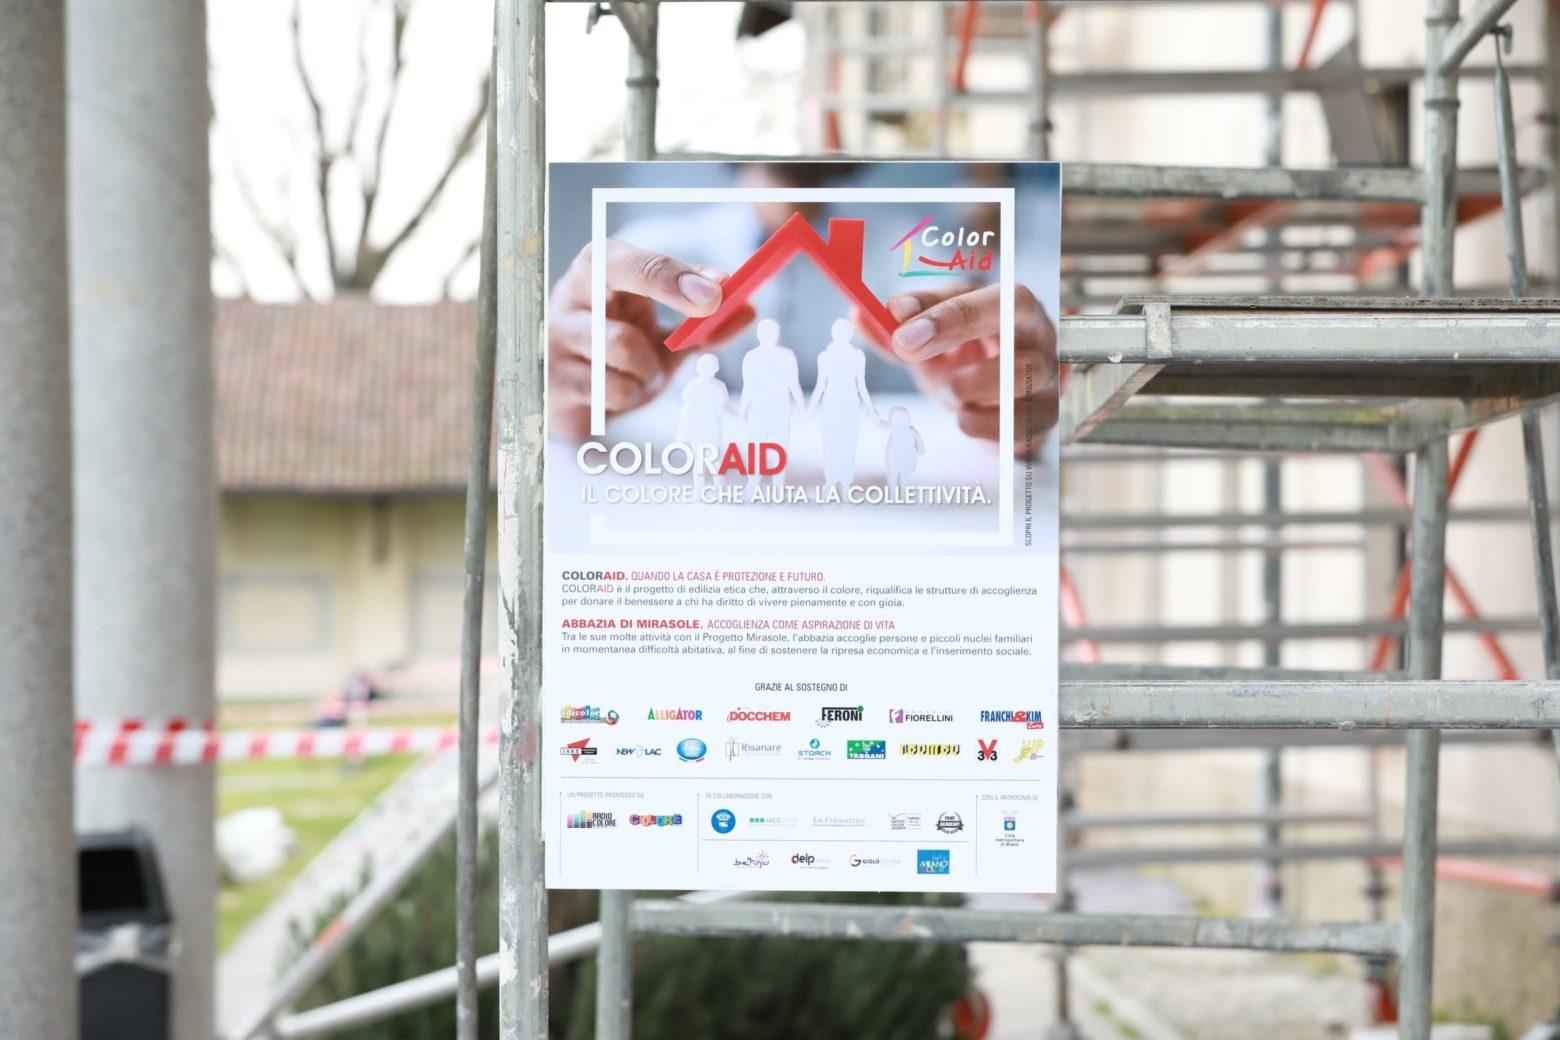 ColorAid2020 Milano